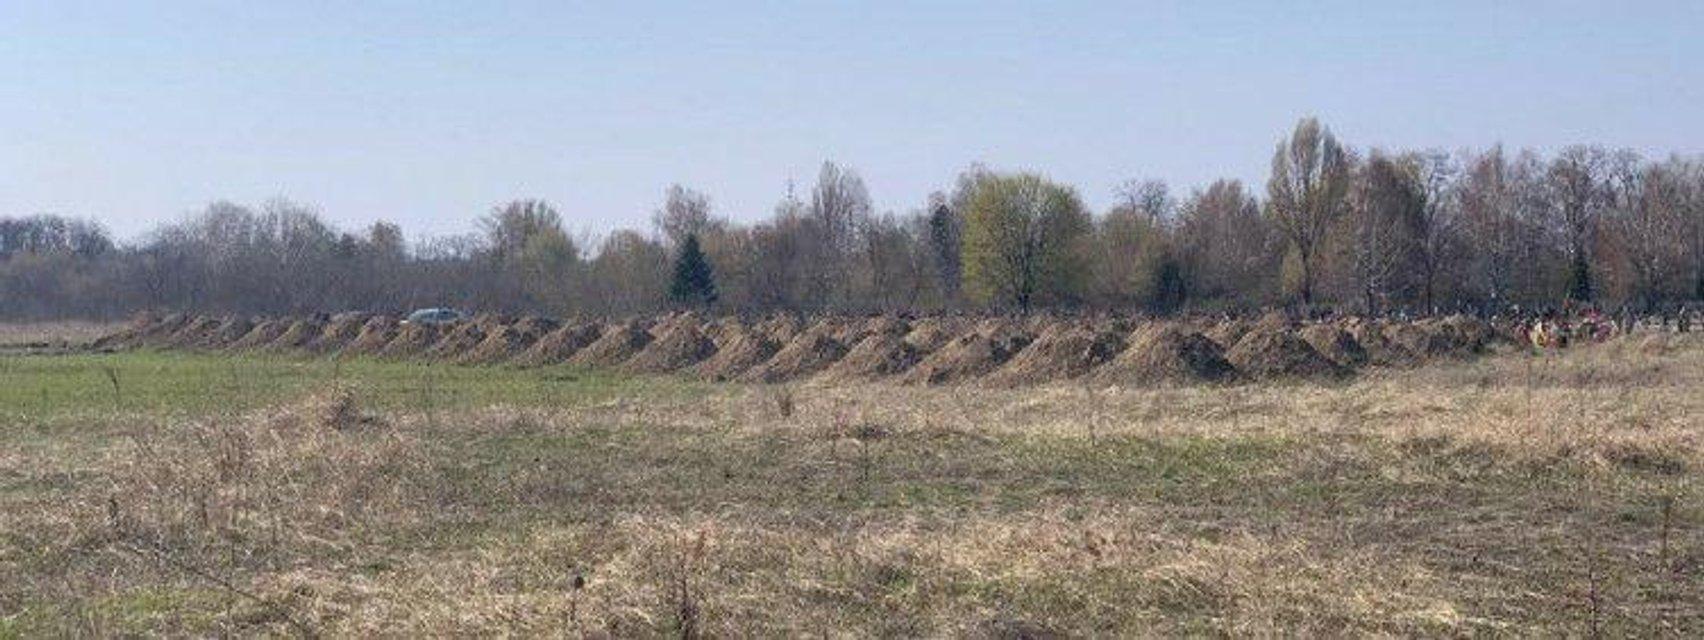 Выкопали 600 могил: Борис Филатов 'похвастался' борьбой с COVID-19 - фото 198164